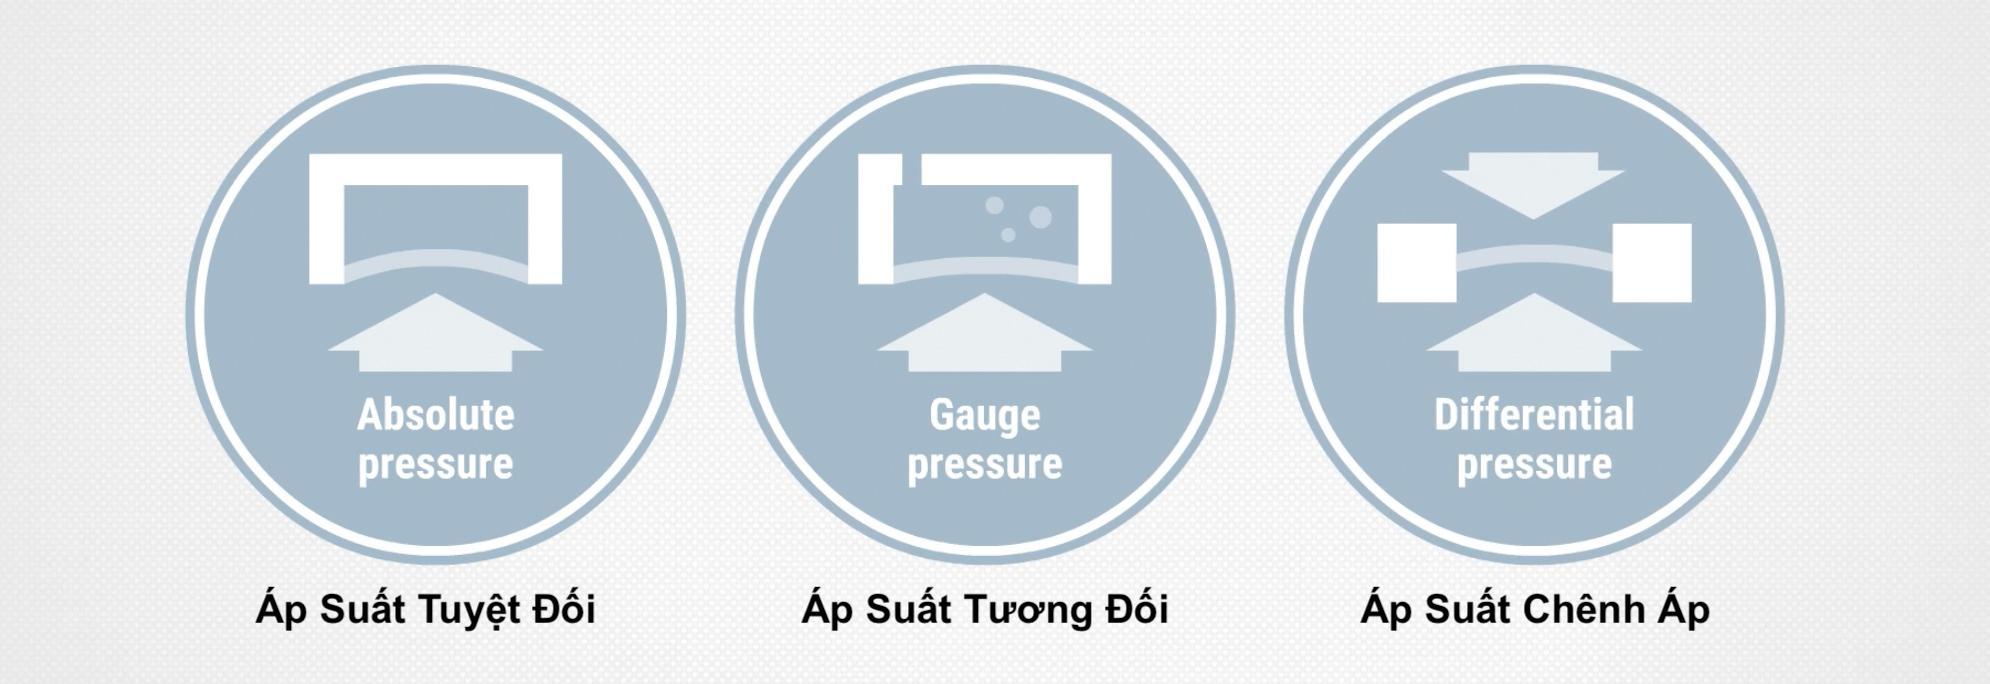 Ba cách đo áp suất được sử dụng trong công nghiệp